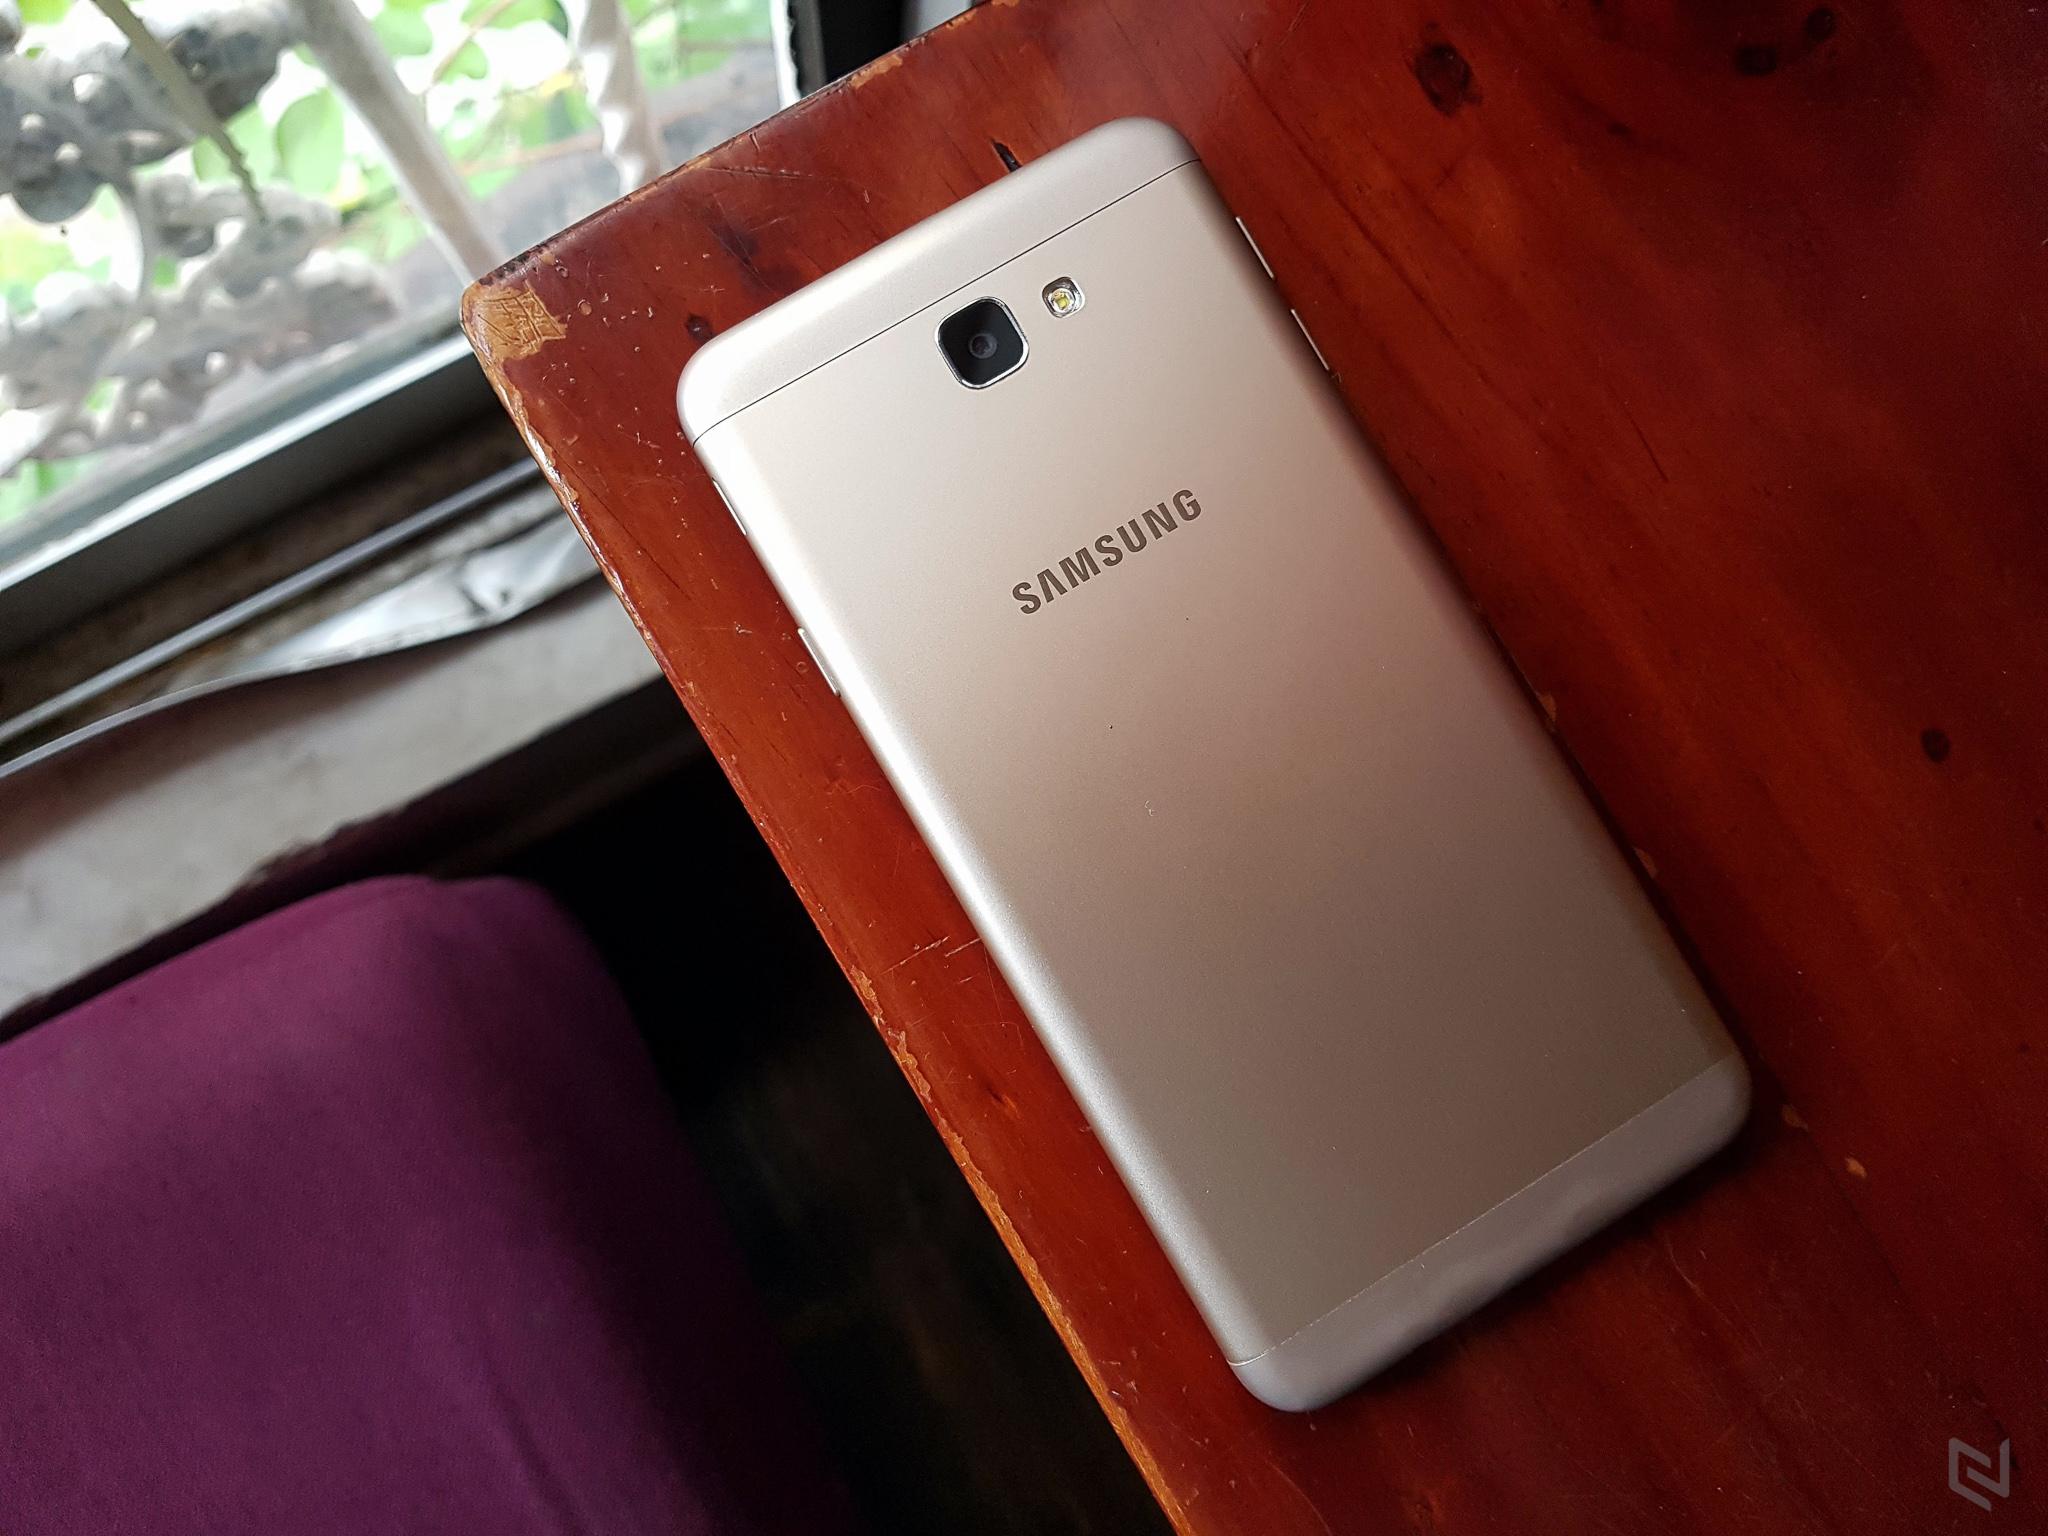 Cận cảnh Galaxy J7 Prime có cảm biến vân tay chuẩn bị lên kệ